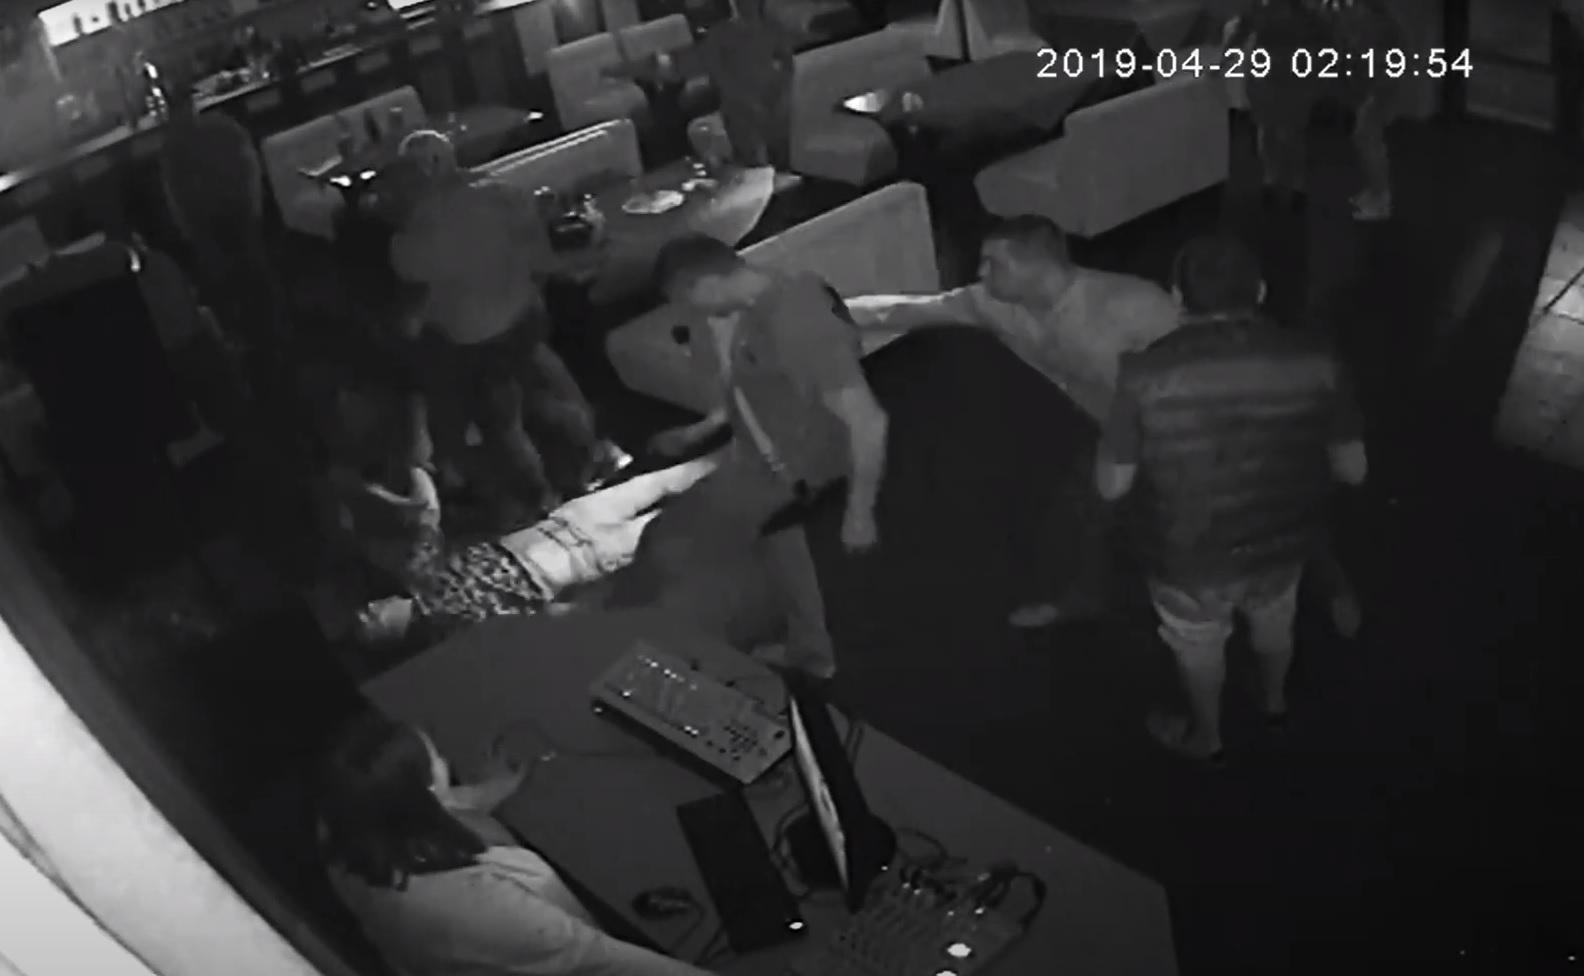 Массовое избиение посетителей в баре Корабельного района: полицию вызывали 6 раз